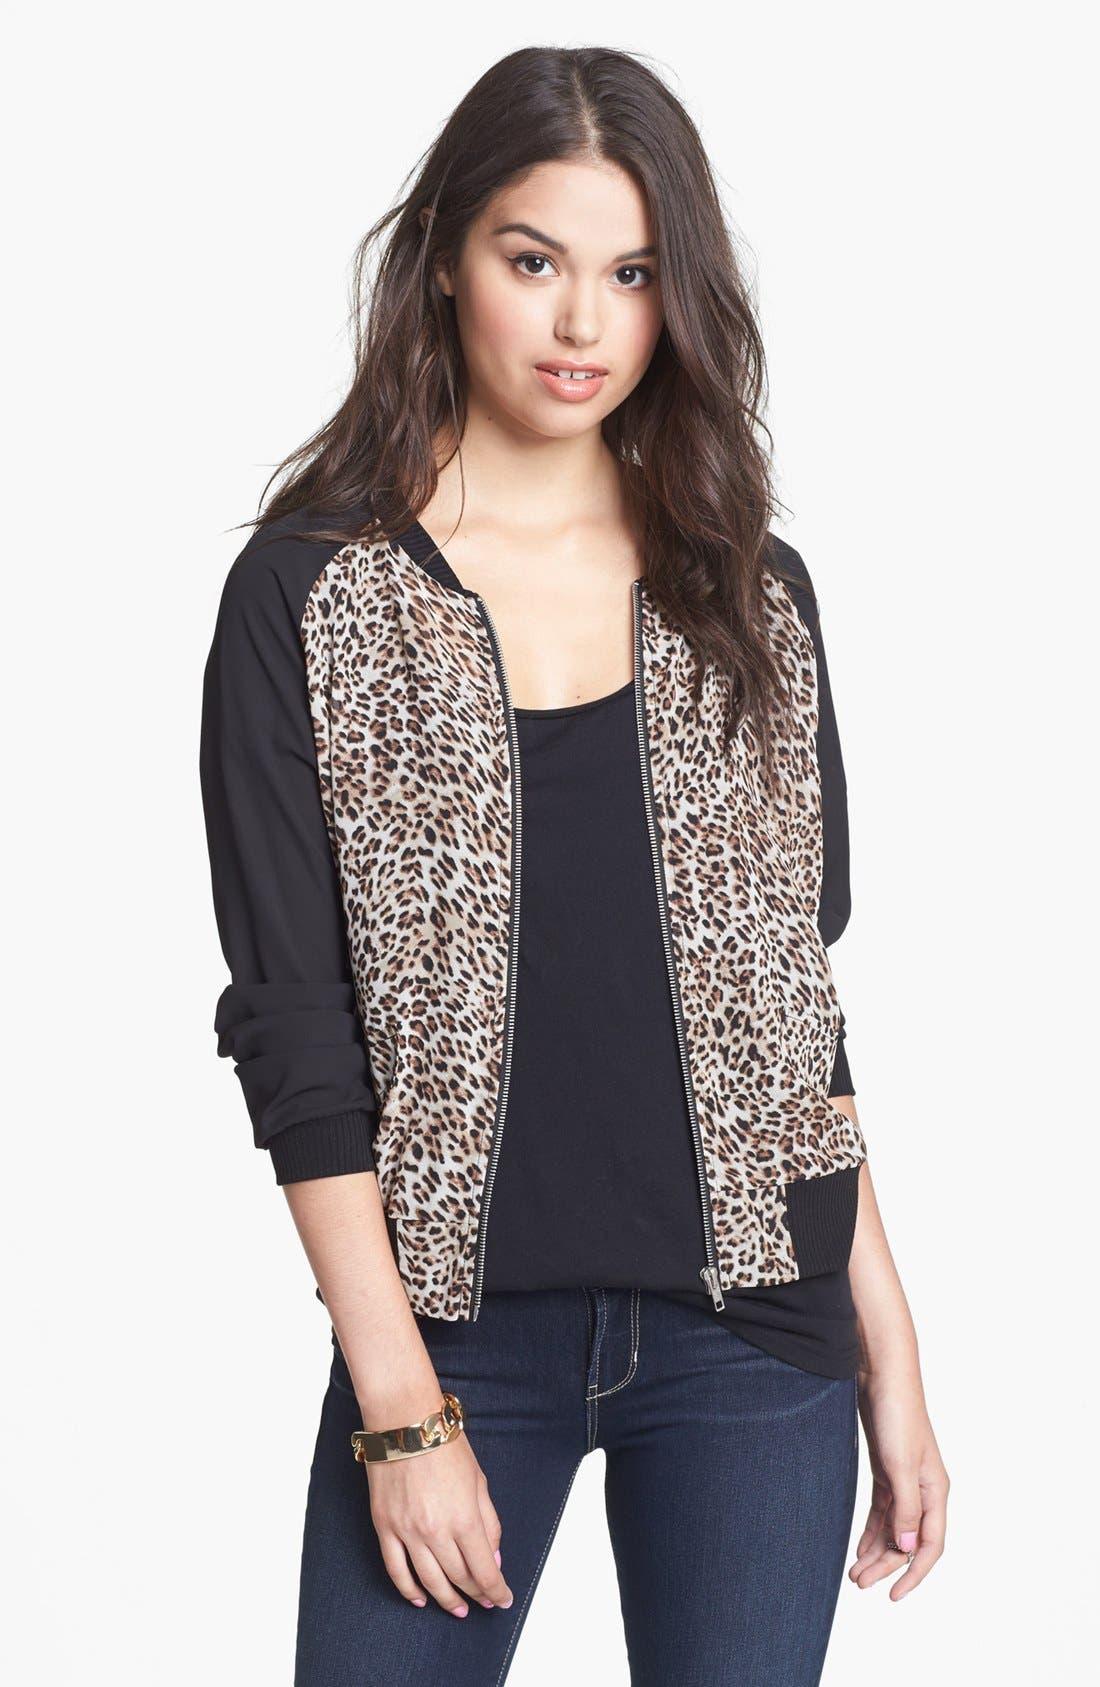 Alternate Image 1 Selected - Starling Cheetah Print Bomber Jacket (Juniors)